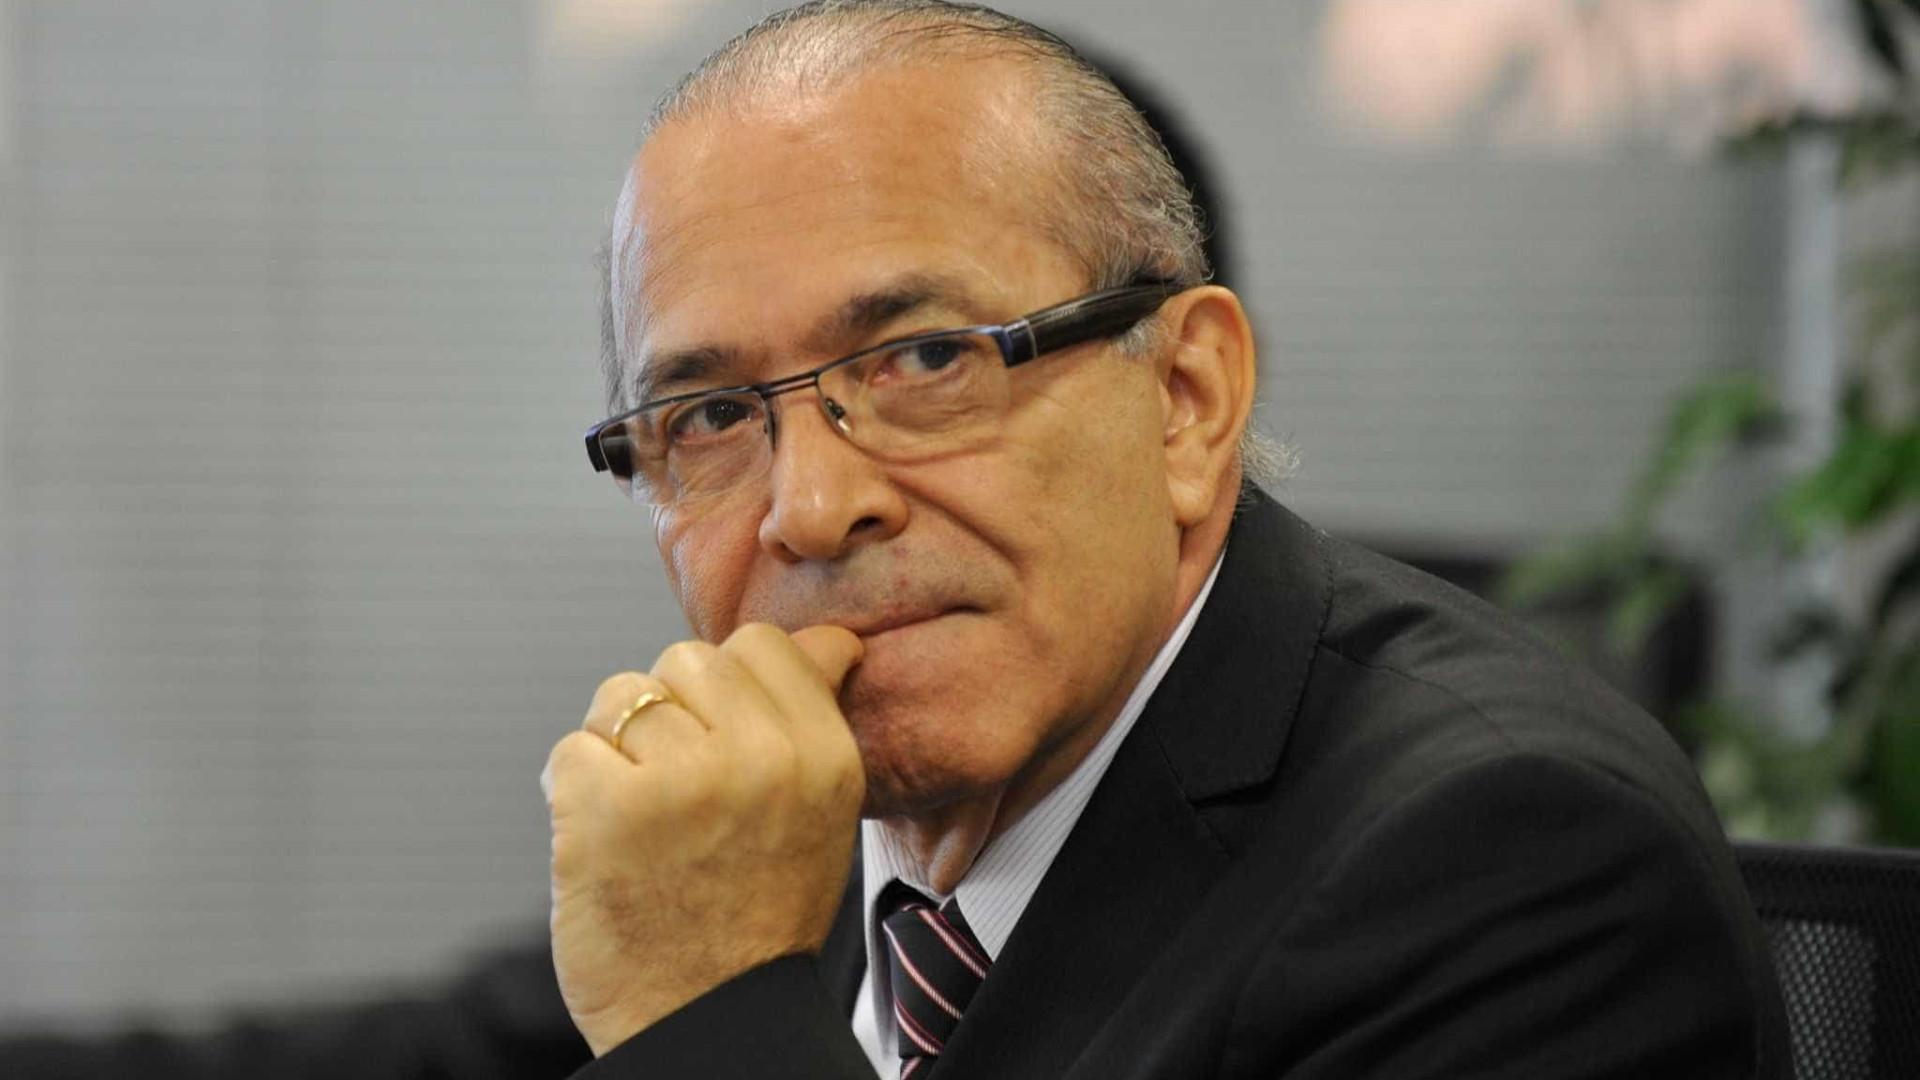 Padilha defende candidato único do governo para sucessão presidencial